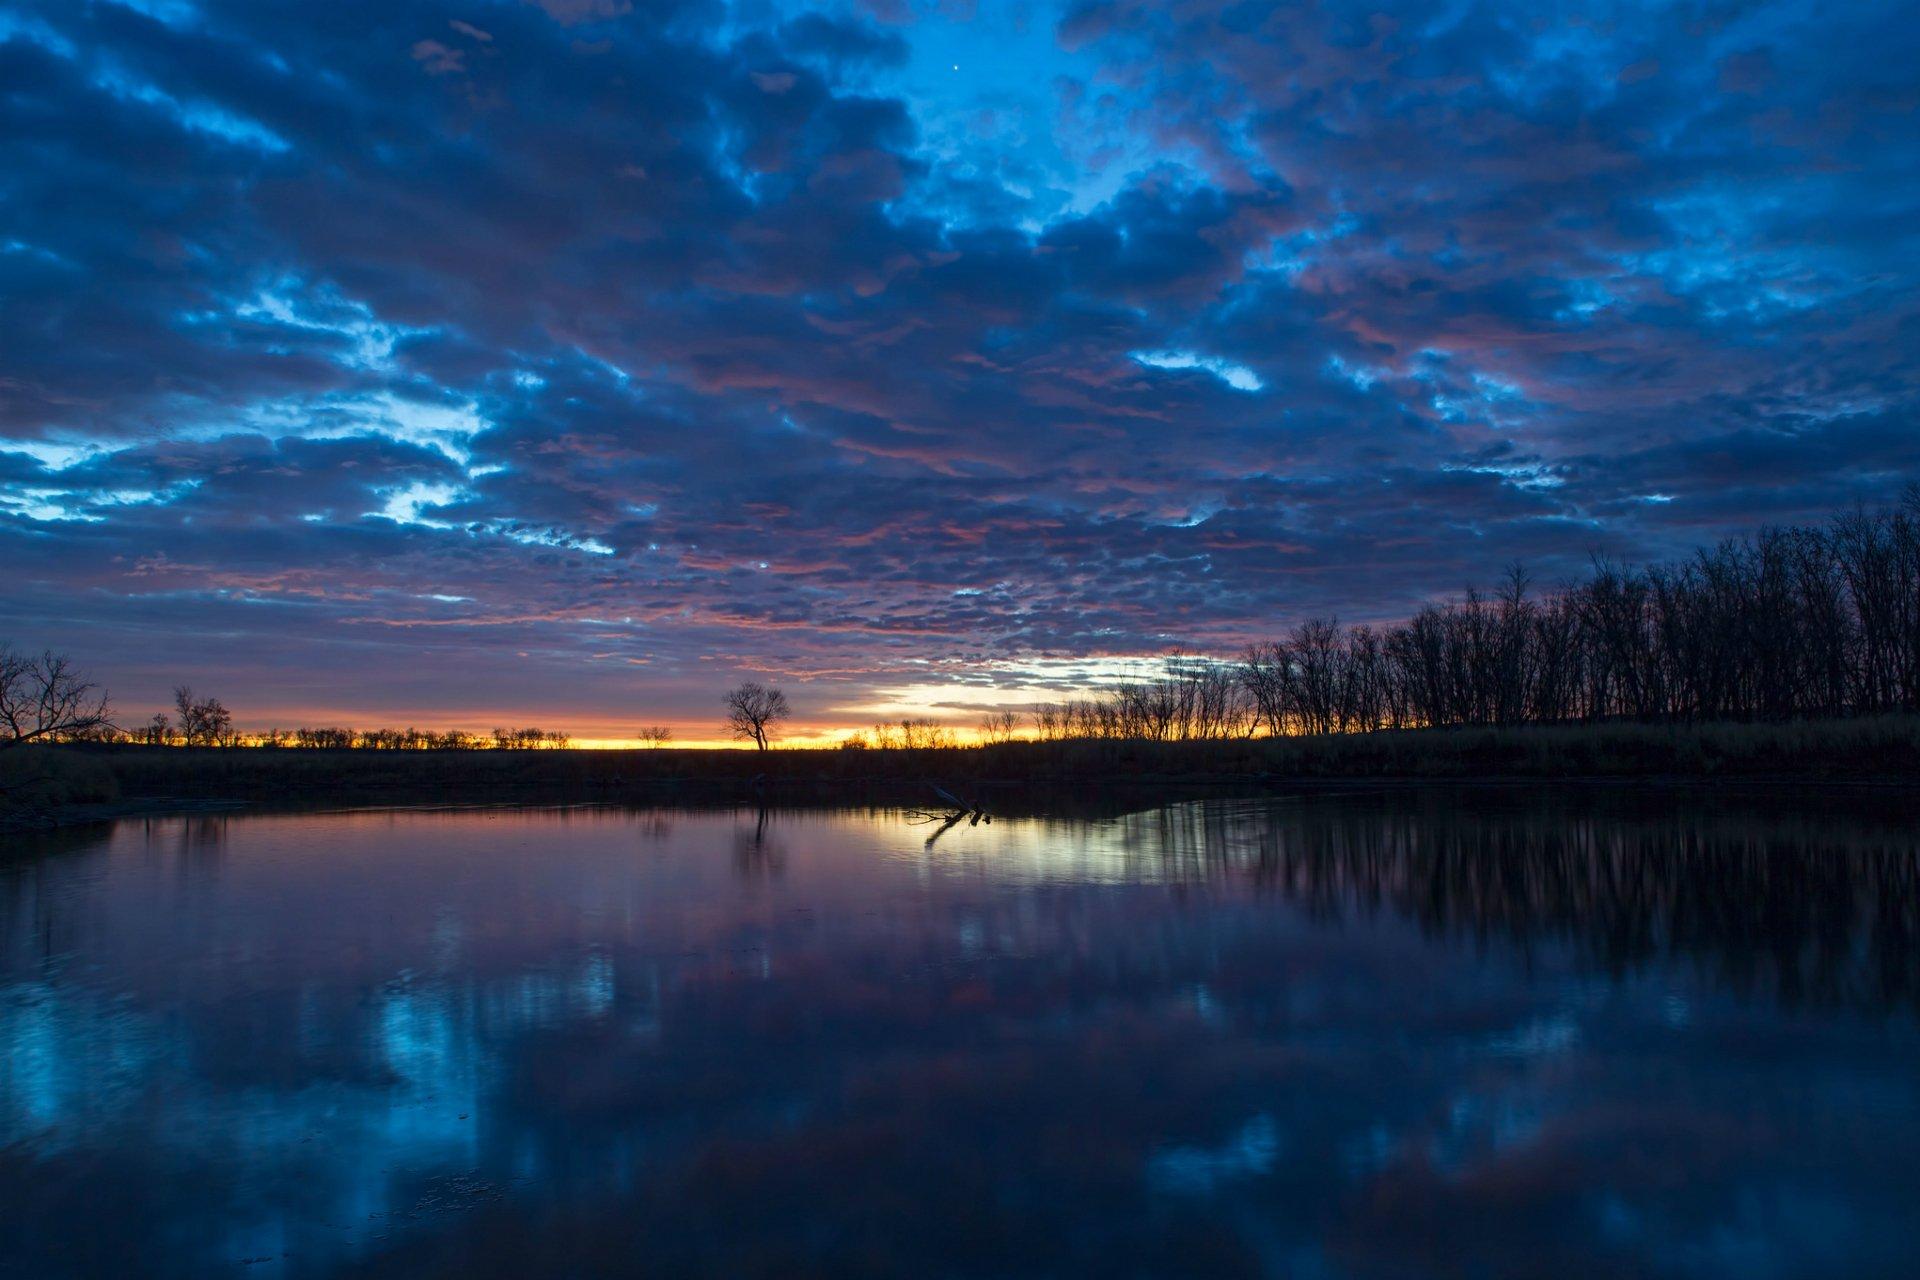 природа облака солнце река  № 2602974 загрузить